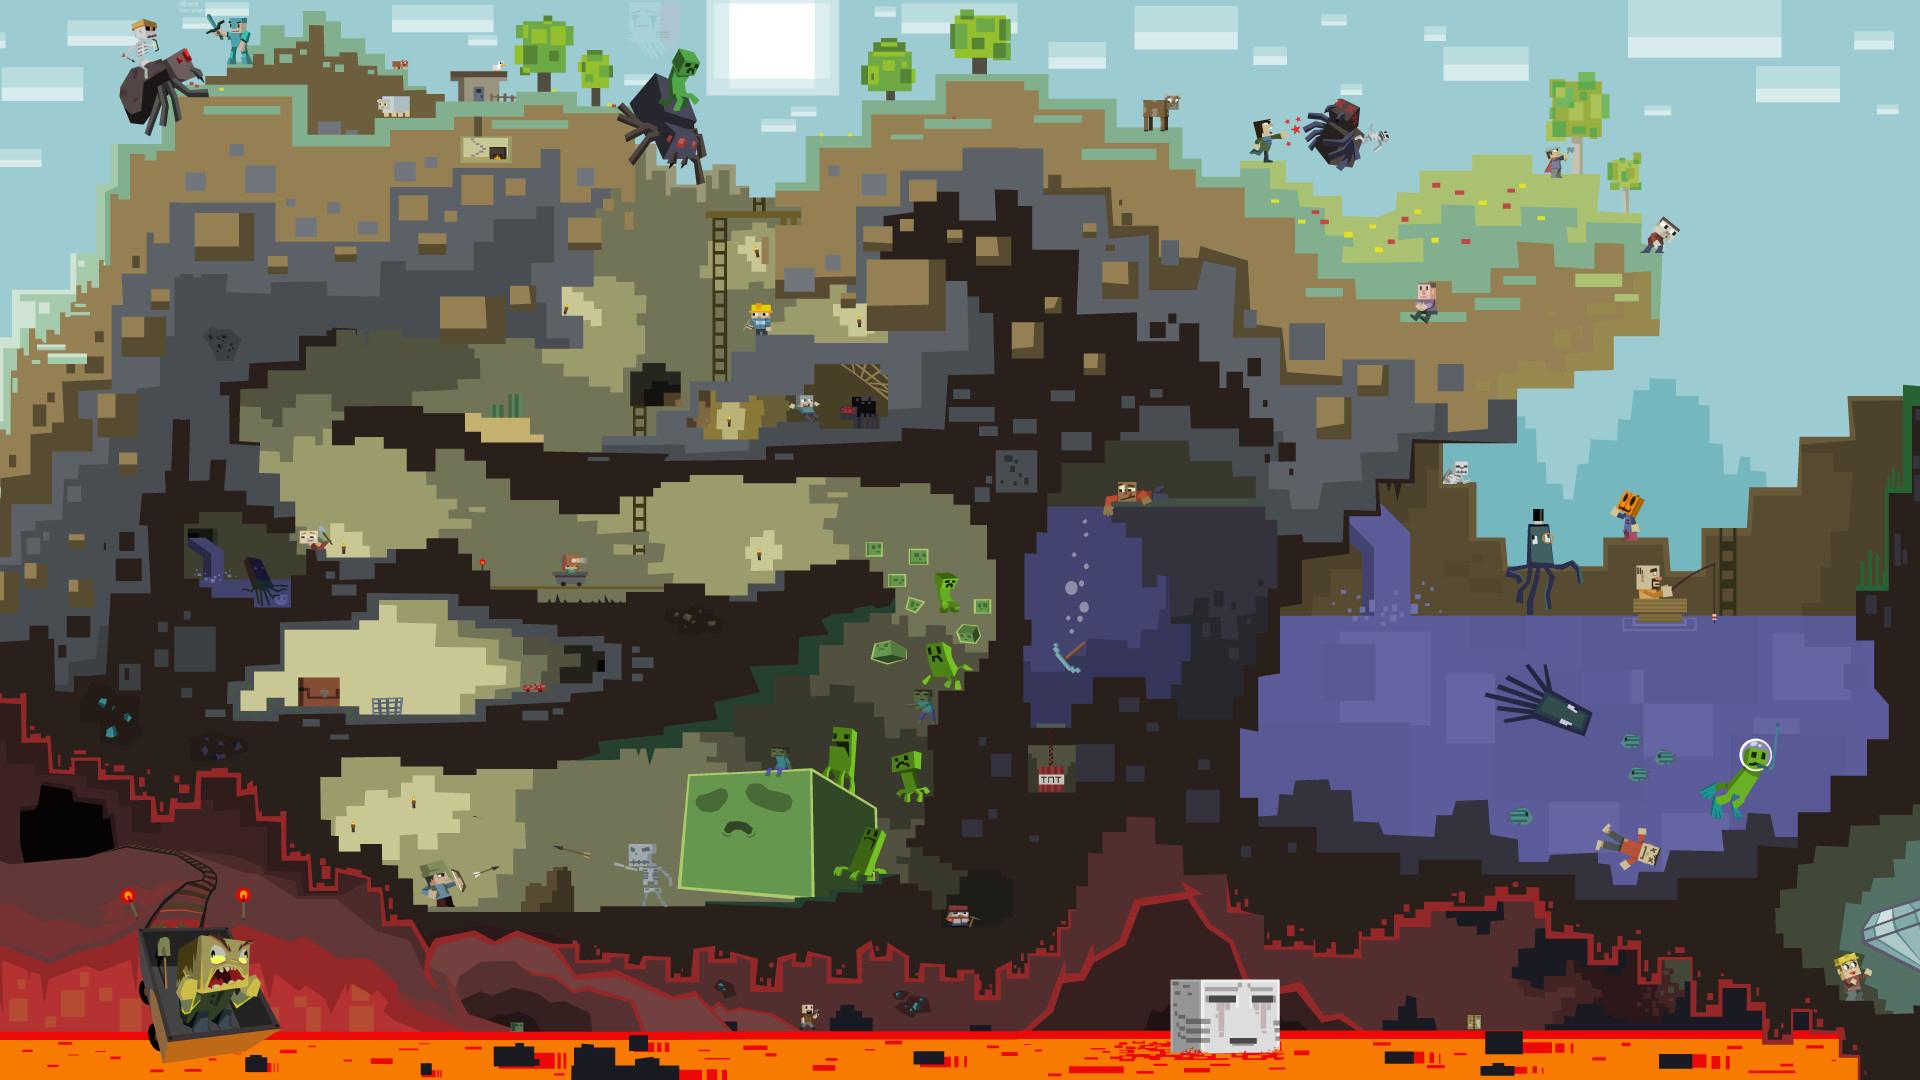 die 60+ besten minecraft wallpapers für coole minecraft